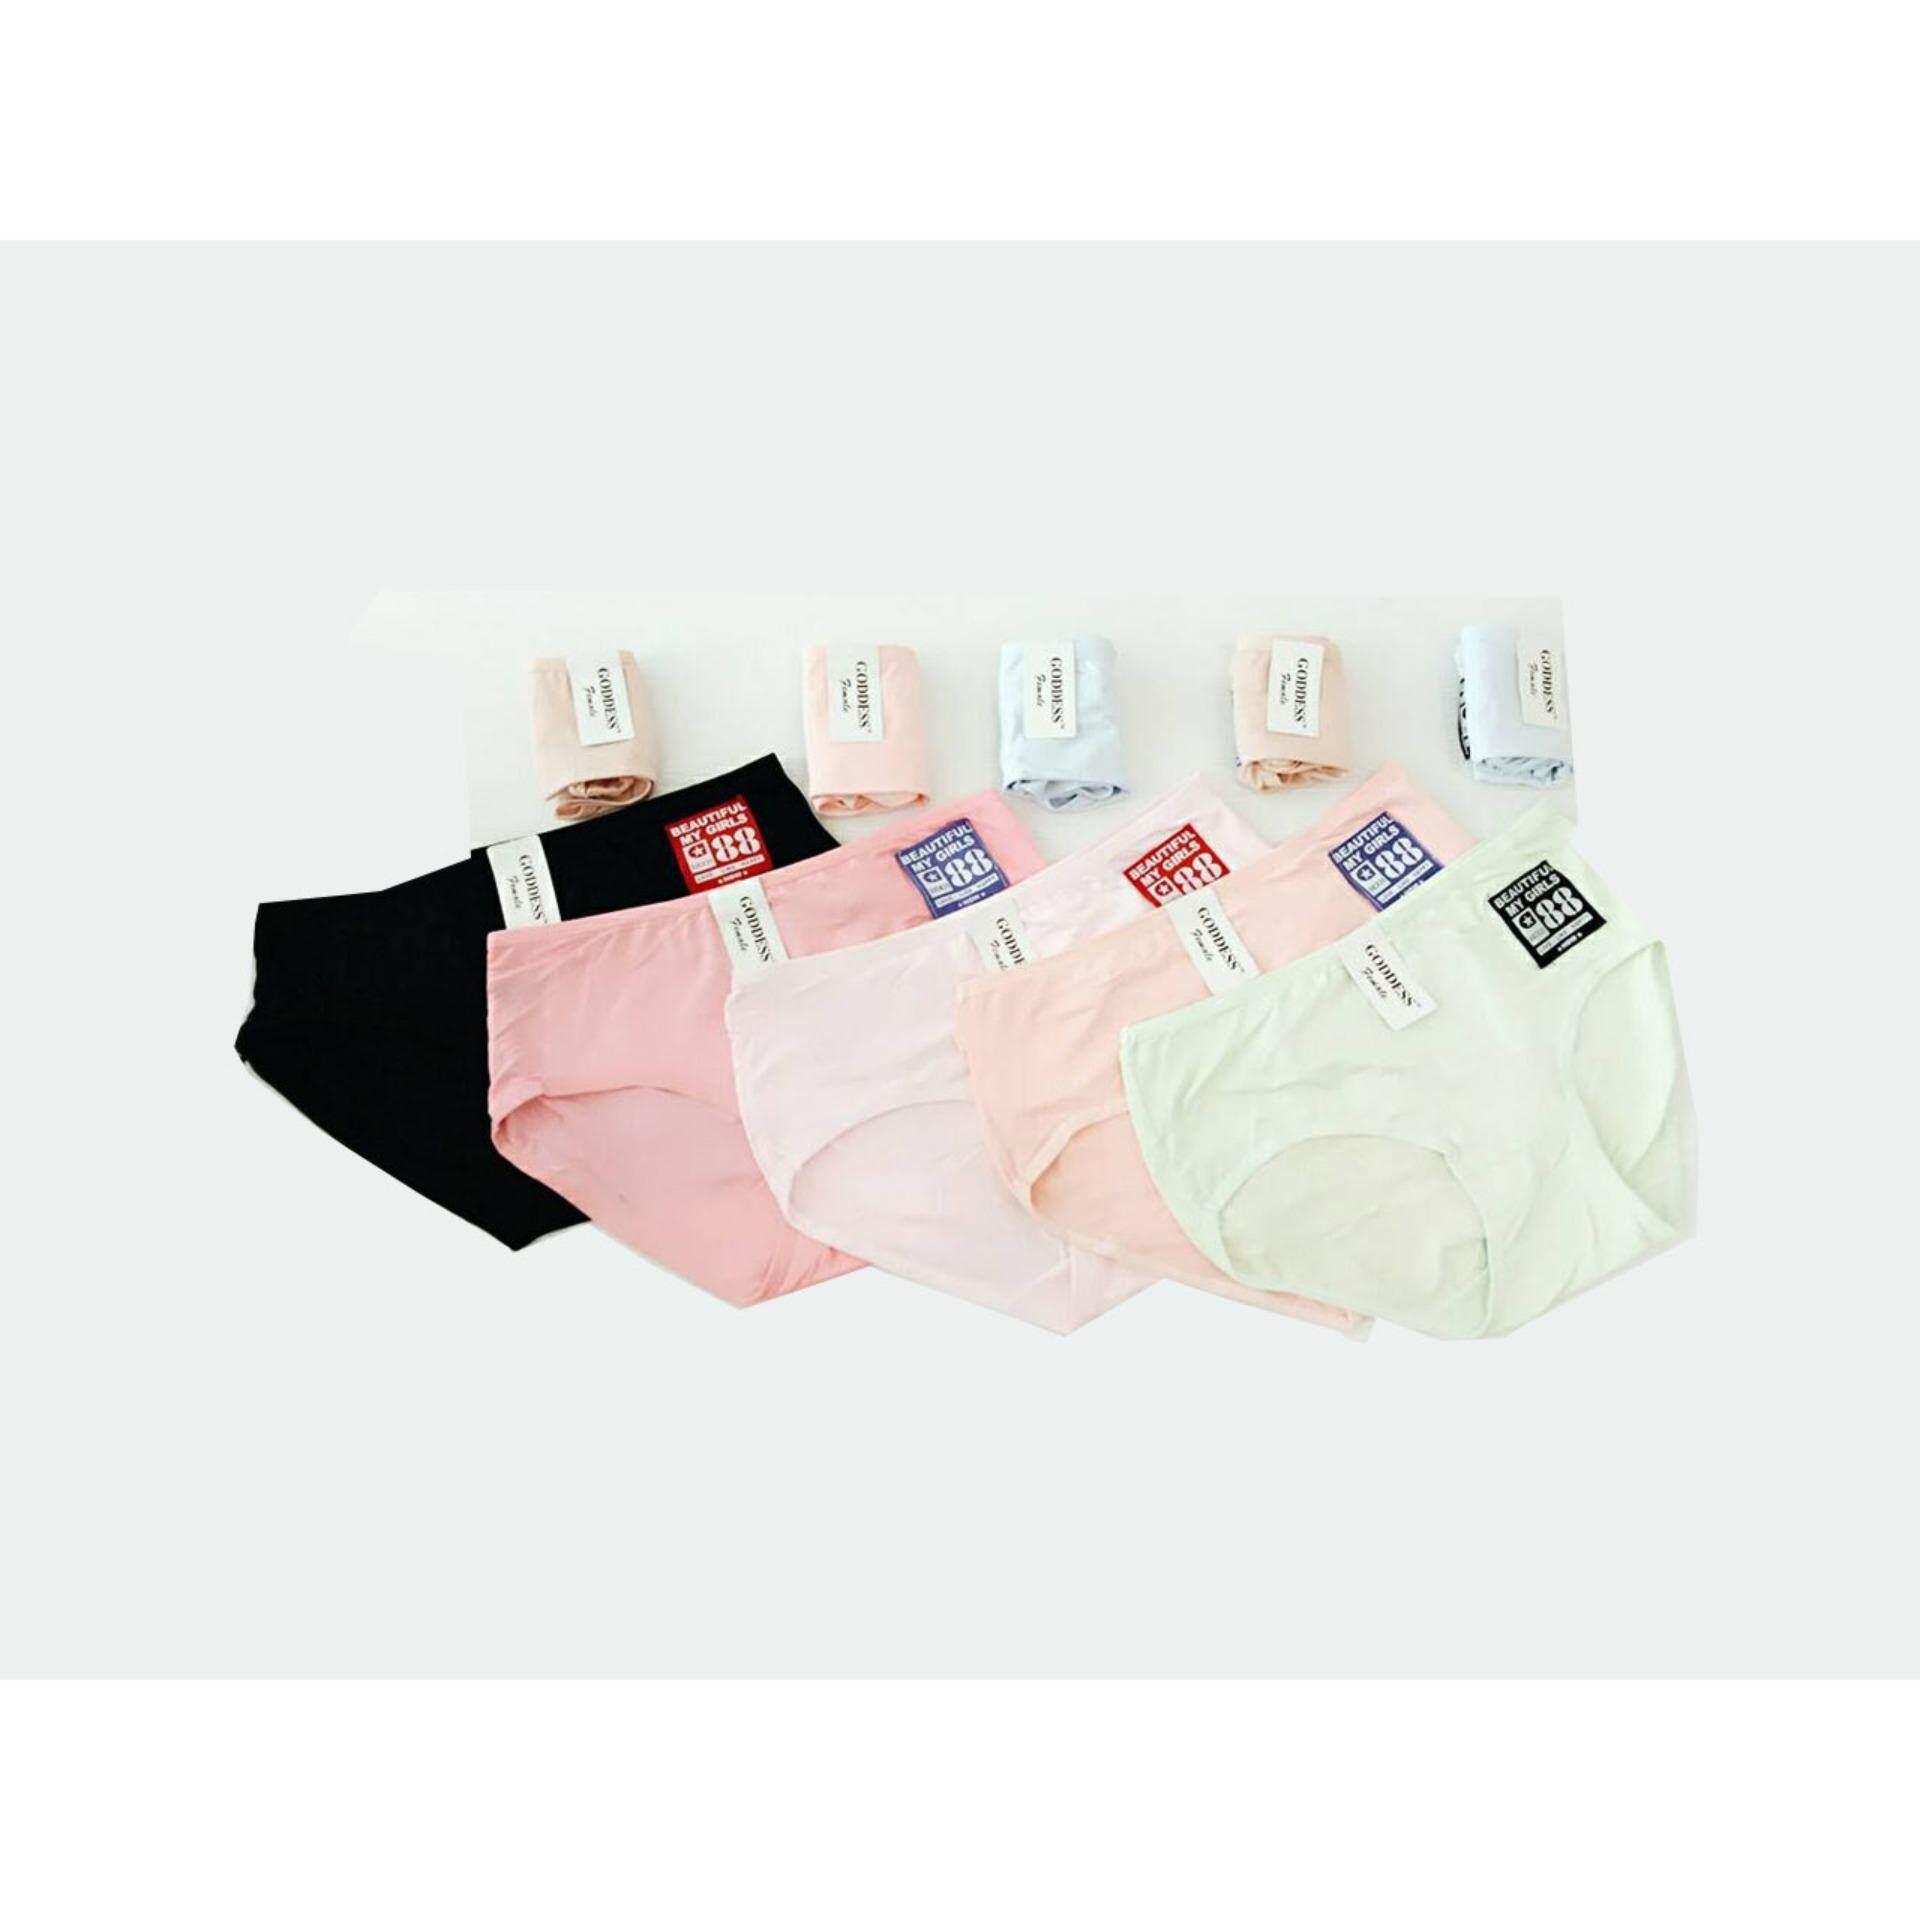 ราคา C L กางเกงขาสั้นสุภาพสตรี 1653 สีเนื้อ เขียว ฟ้า ชมพู โอรส ดำ 10 ตัว เป็นต้นฉบับ